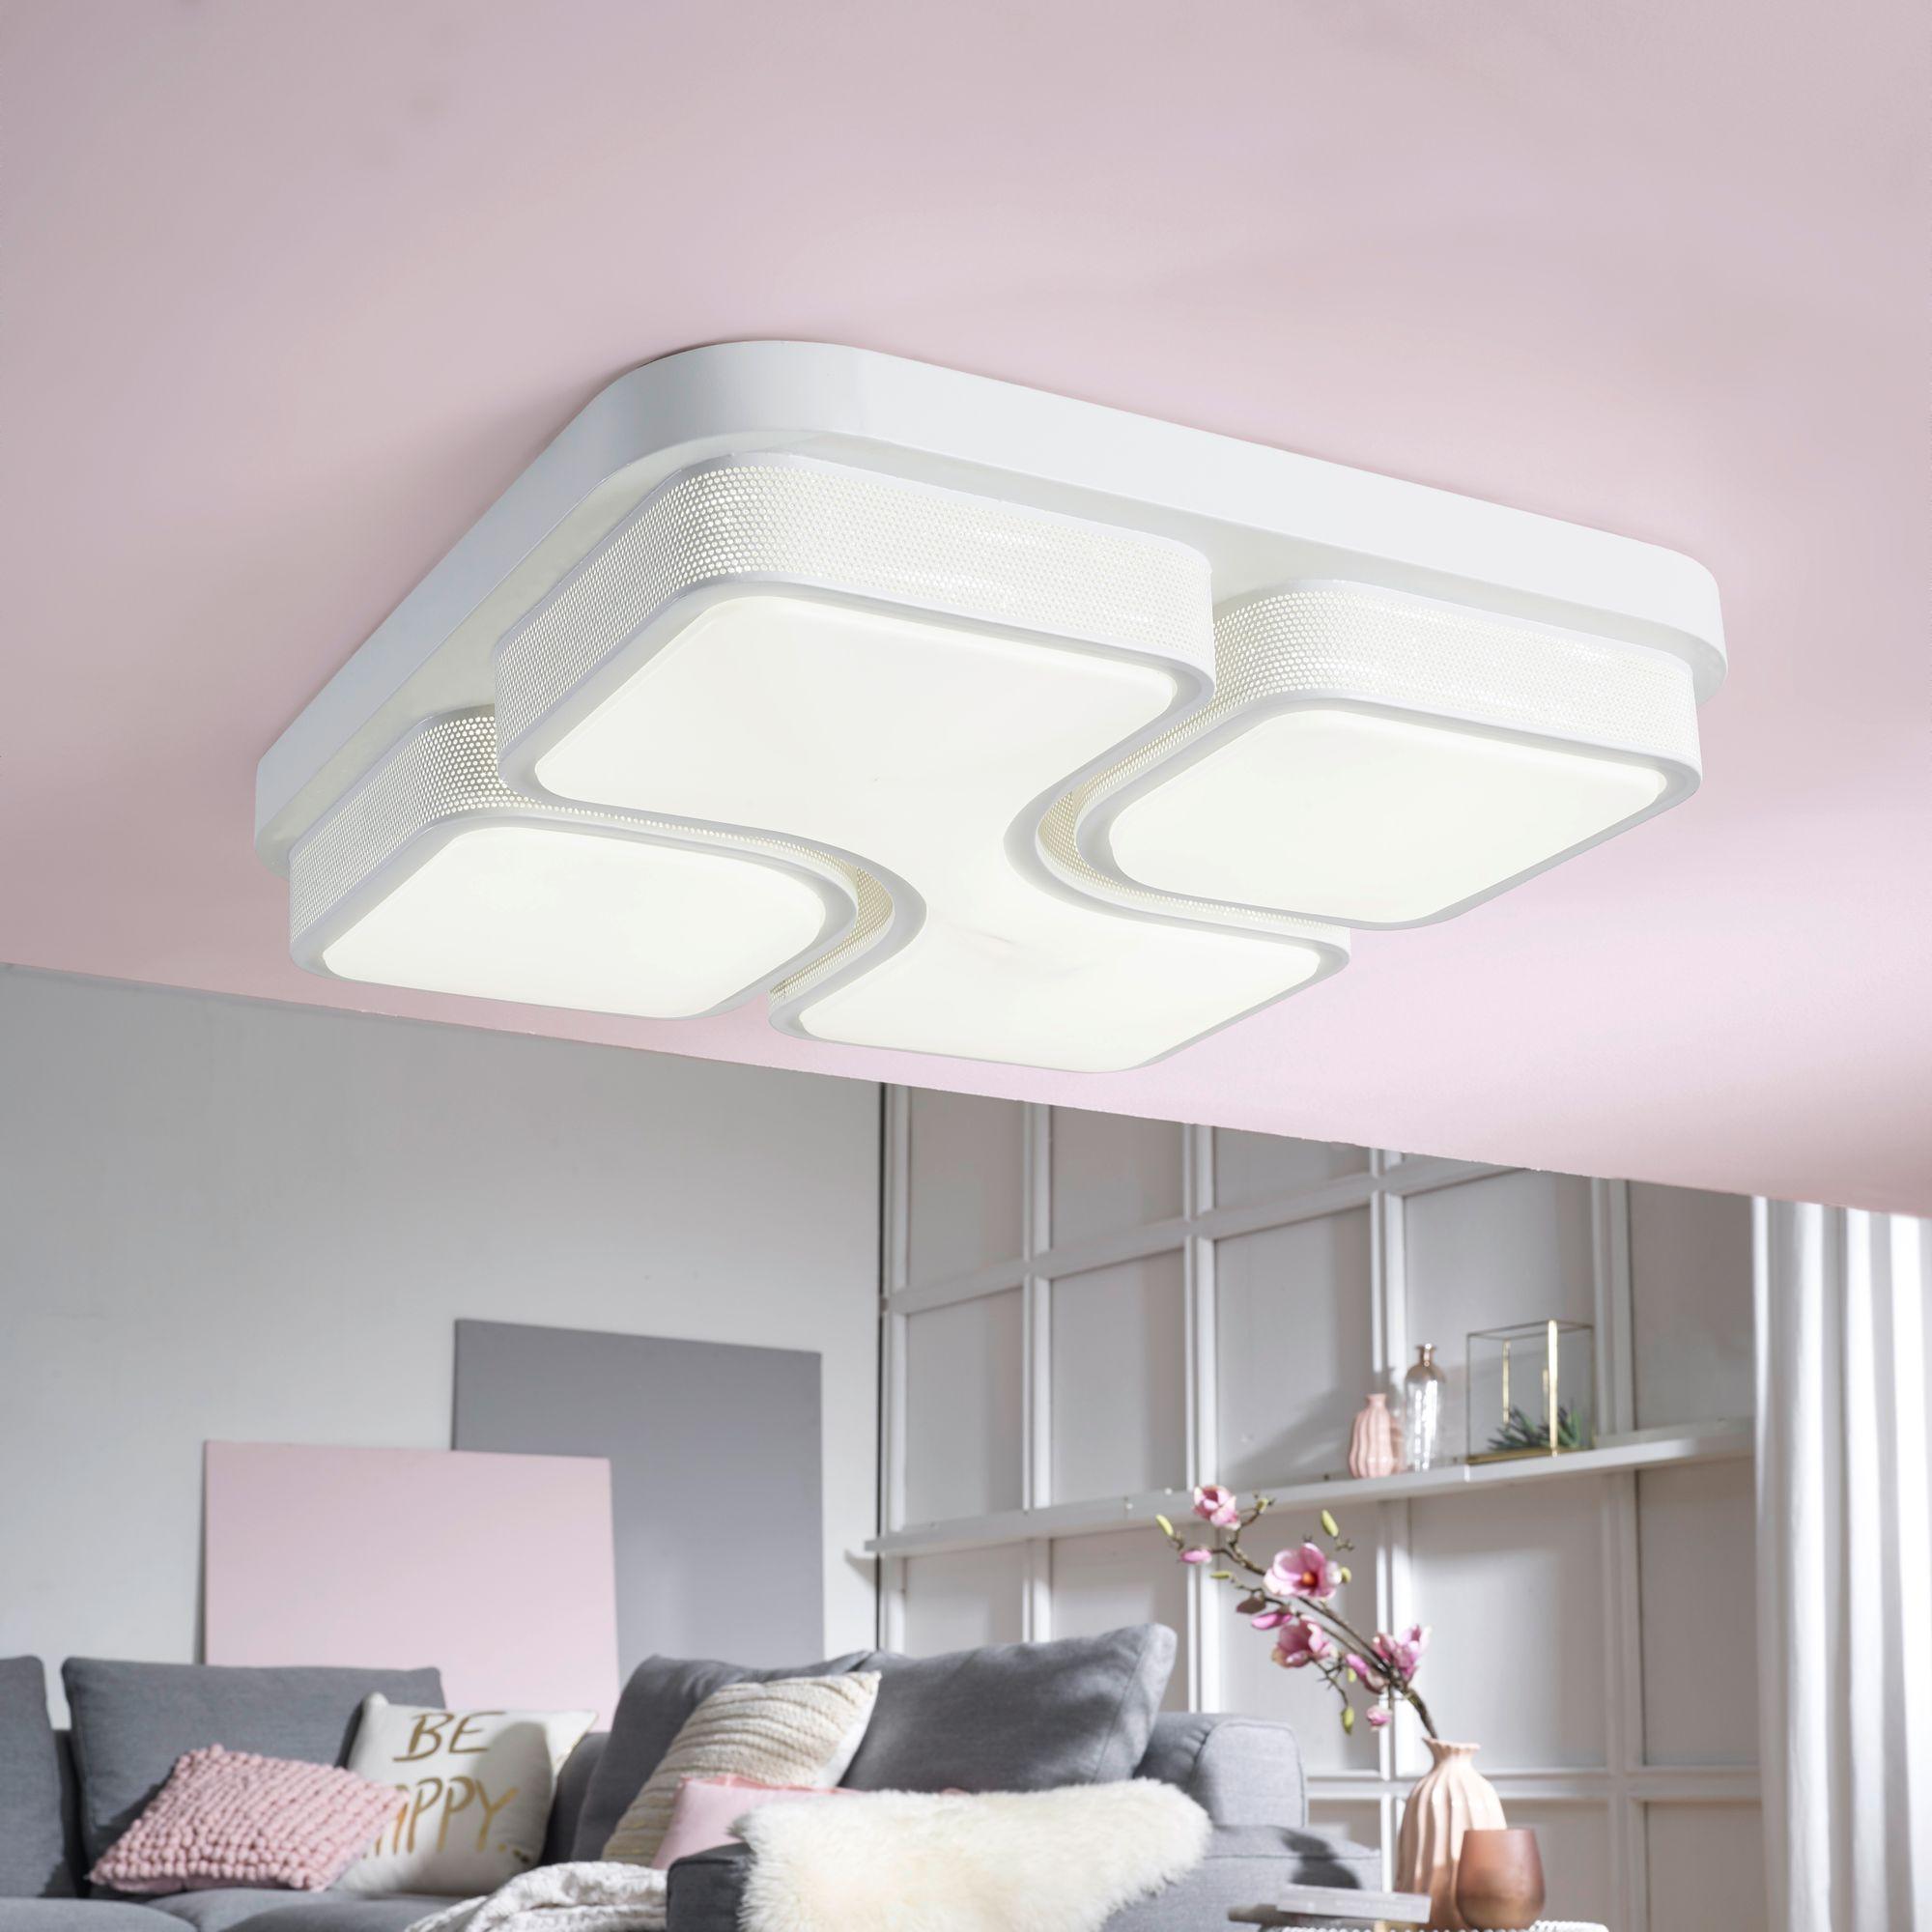 Full Size of Finebuy Led Deckenlampe 32w Lampe Wohnzimmer Deckenleuchte A Schlafzimmer Wandtattoos Relaxliege Hängeschrank Weiß Hochglanz Deckenlampen Modern Badezimmer Wohnzimmer Wohnzimmer Deckenleuchte